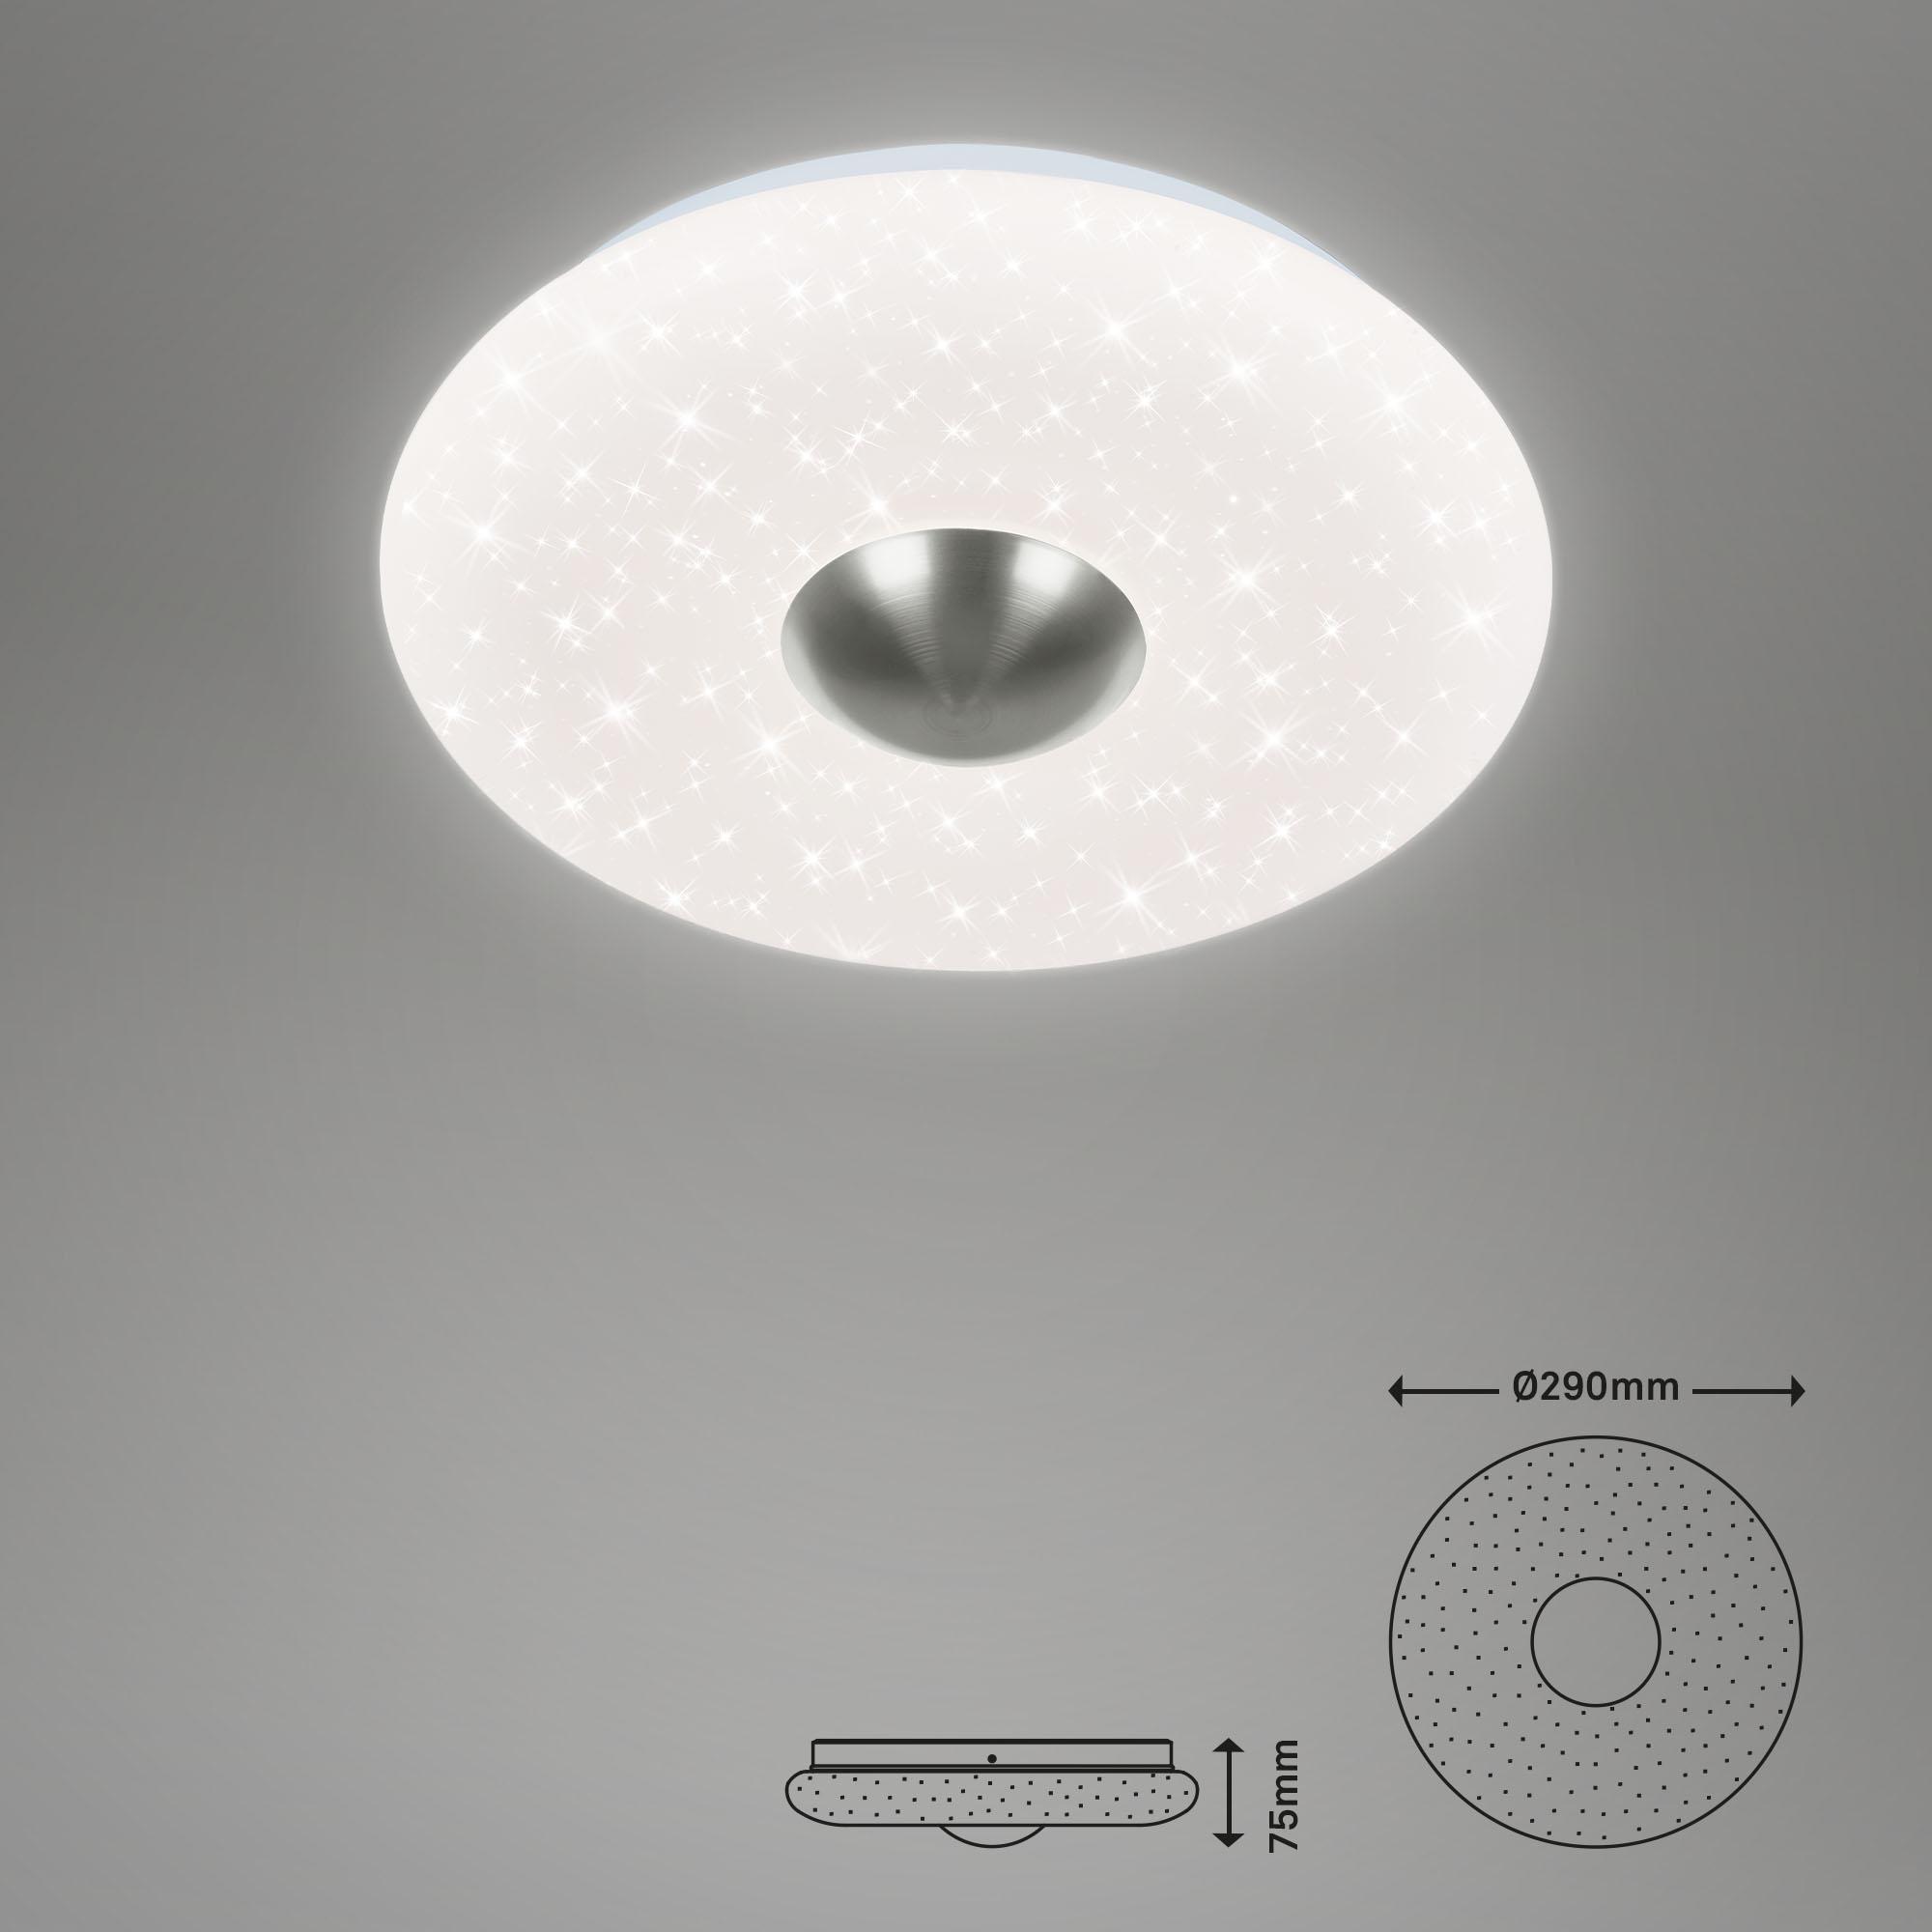 LED Deckenleuchte, Ø 29 cm, 12 W, Matt-Nickel-Weiß